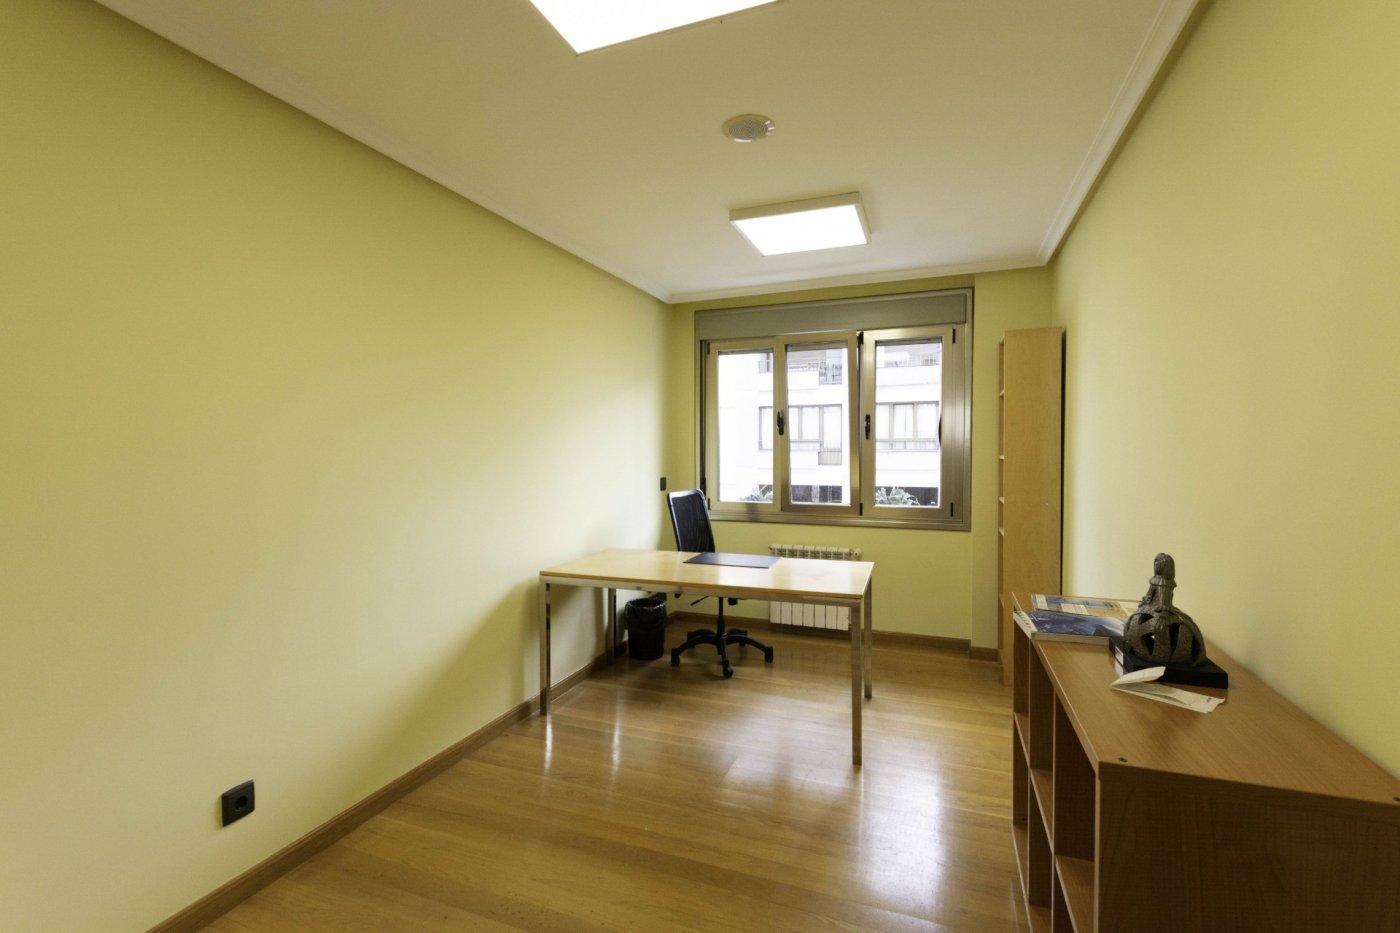 Oficina en la calle uría. - imagenInmueble6